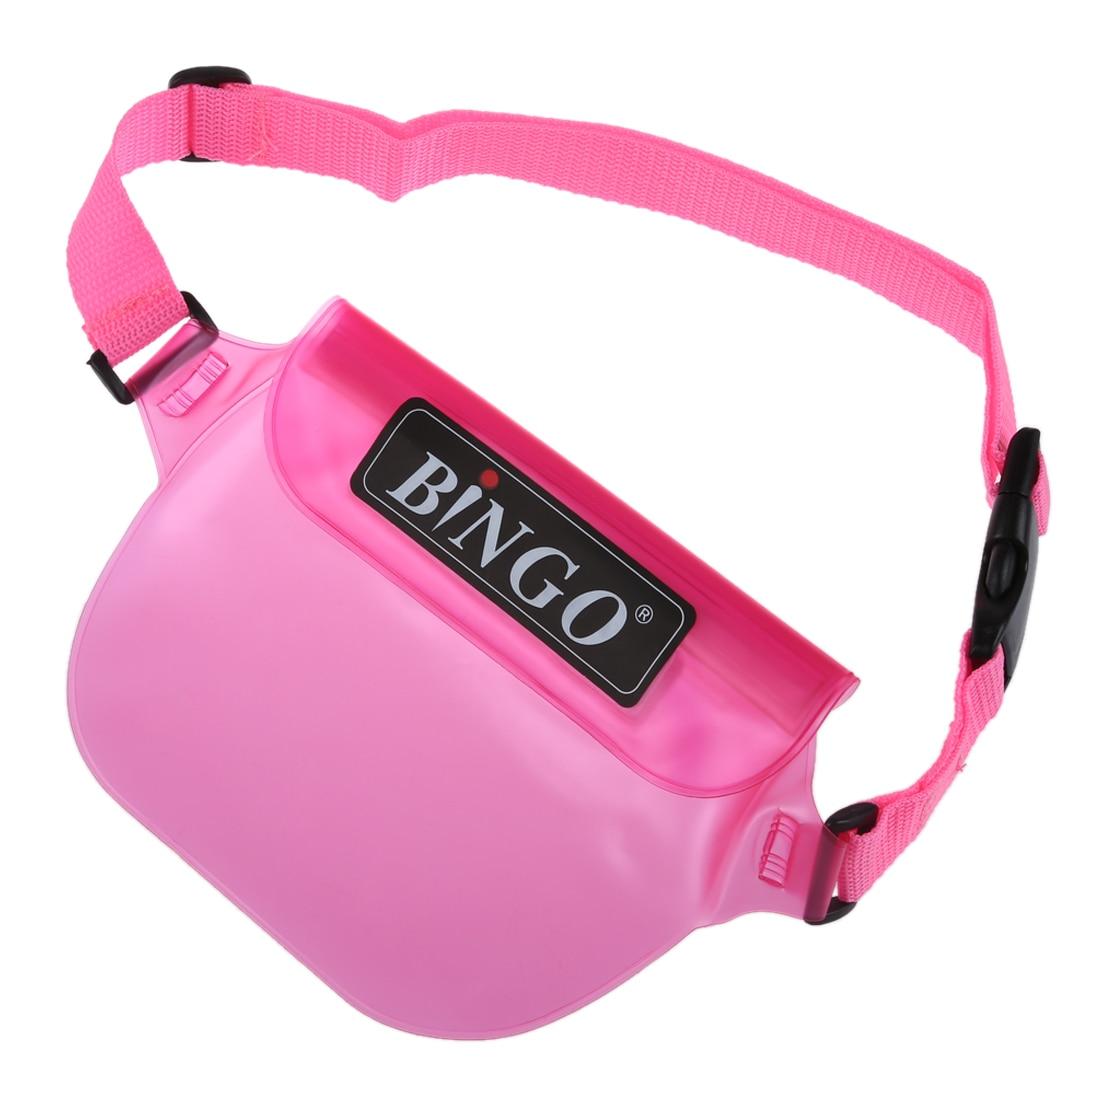 Bingo Waterproof Bag Rafting Waist Packs for Phone Wallet Purse Compact Camera(pink)